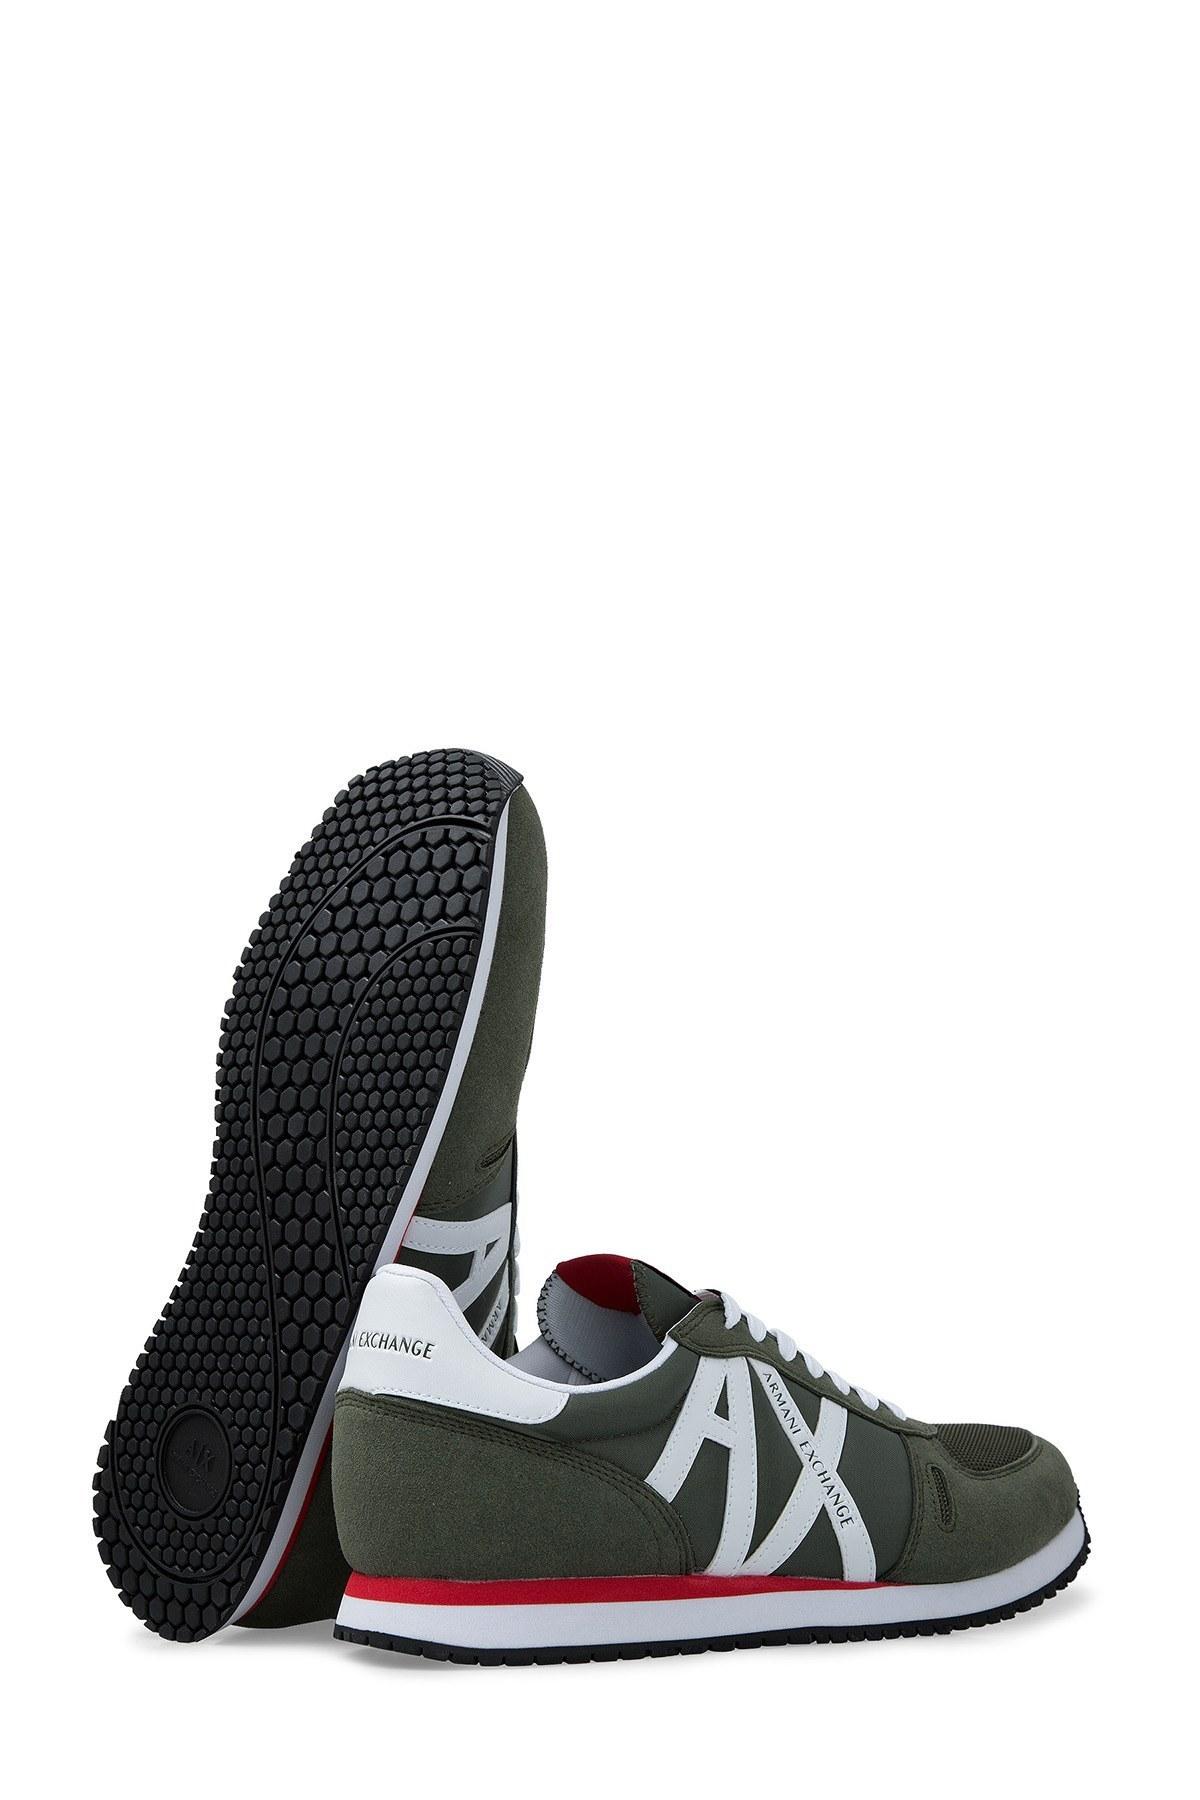 Armani Exchange Erkek Ayakkabı XUX017 XV028 K494 HAKİ